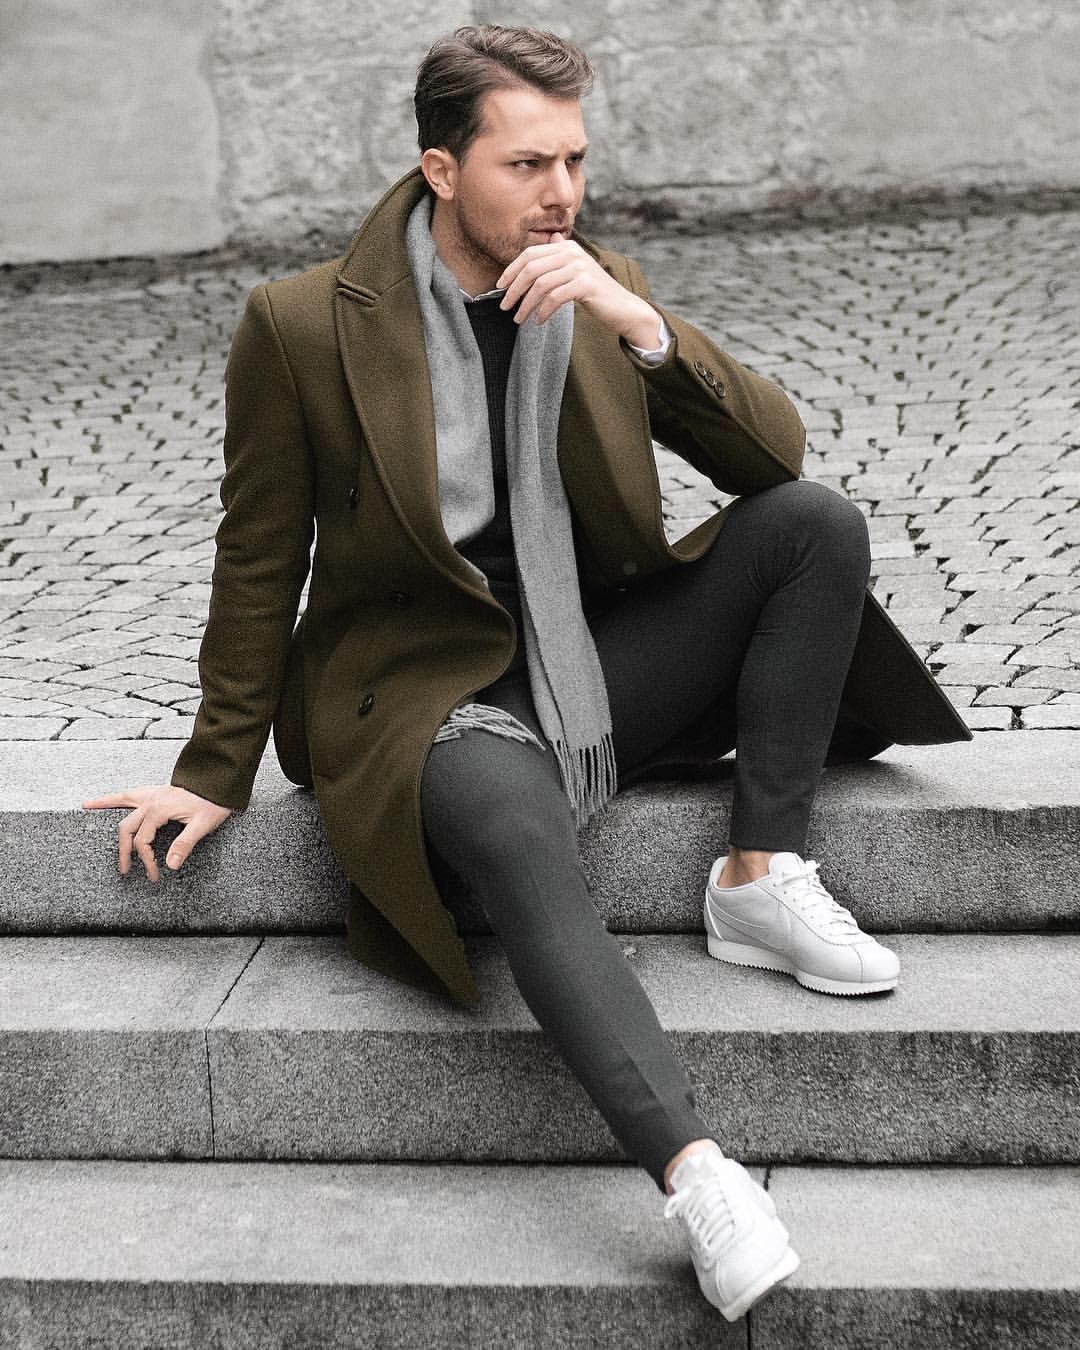 CASACOS ALONGADOS – TENDÊNCIA PARA INVERNO 2018 – Moda Homem